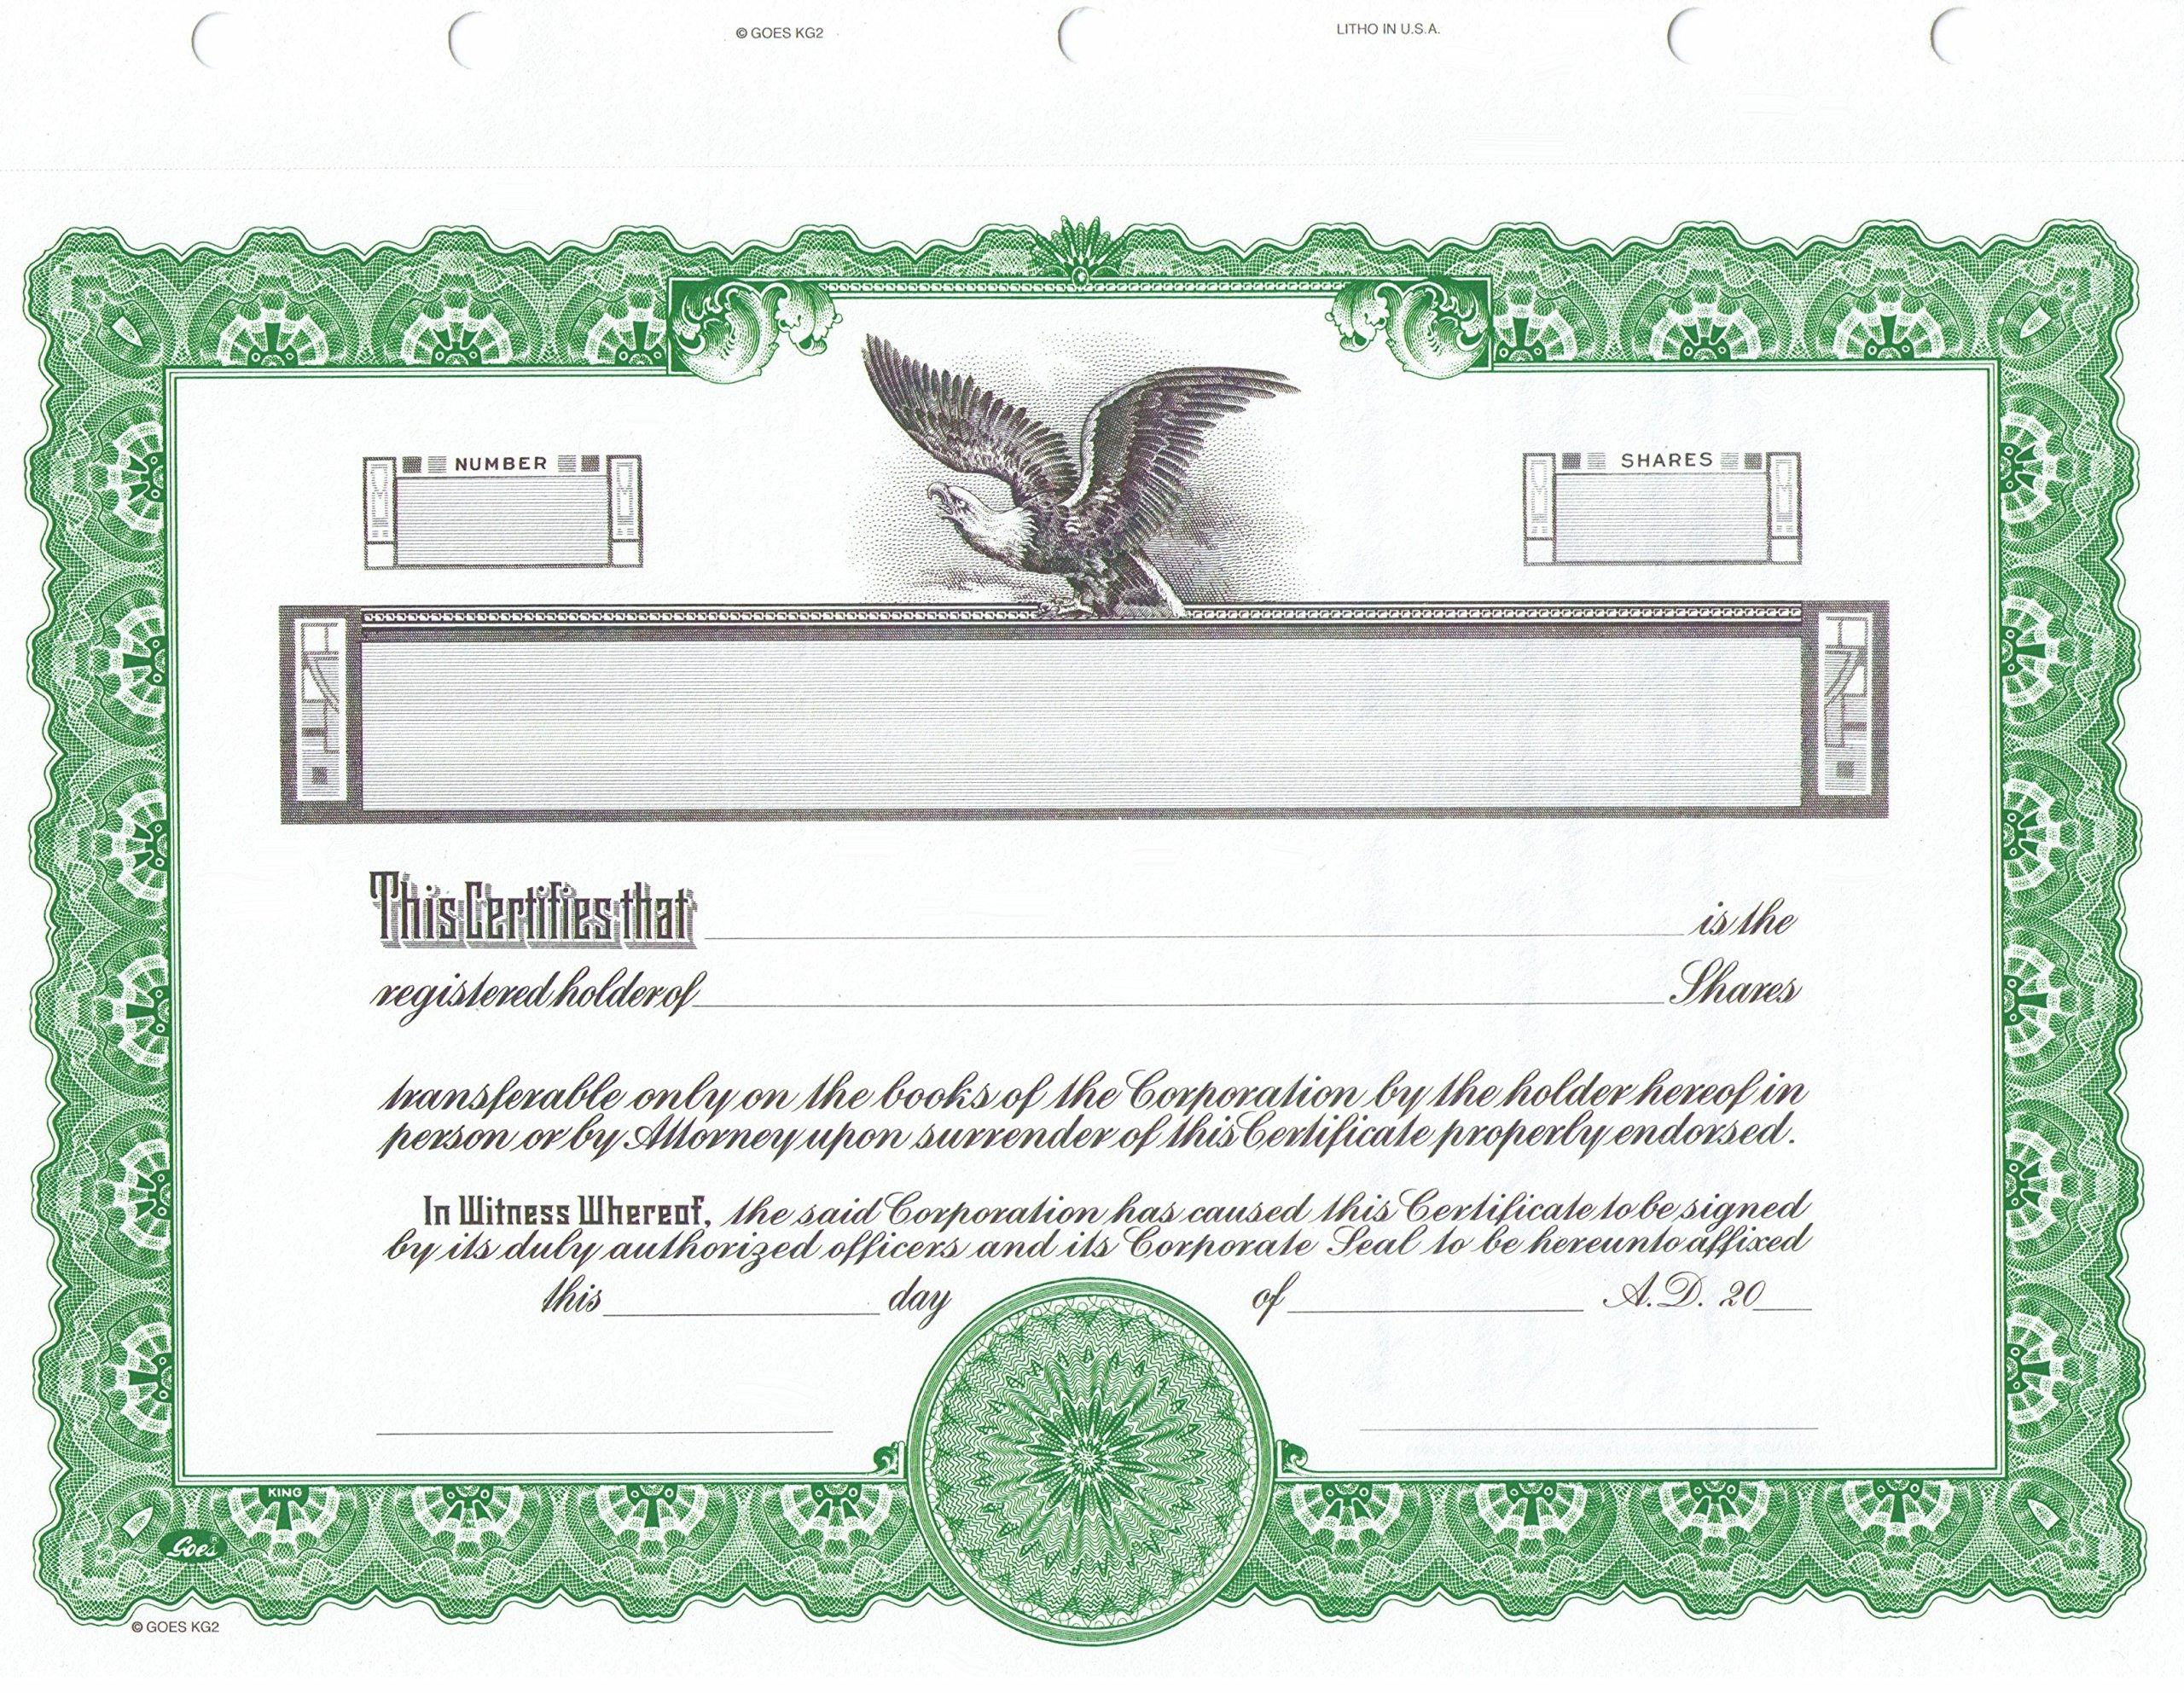 KG 2 Stock Certificate, Green Border, Pack of 15